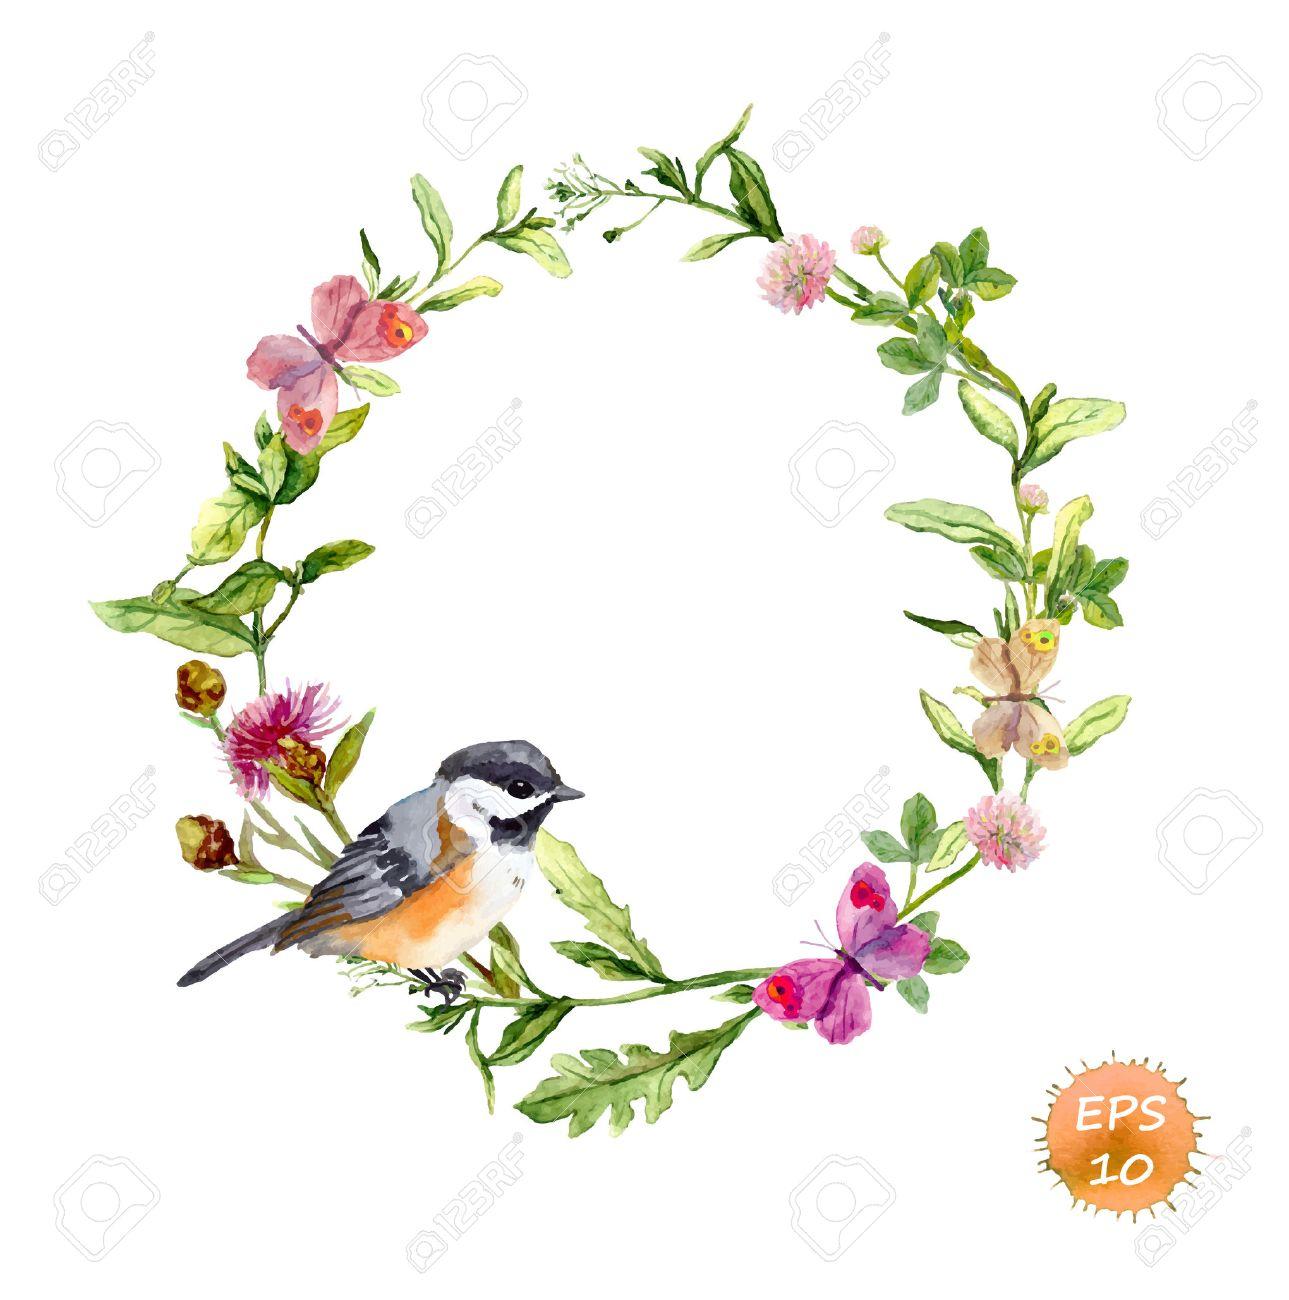 Kranz-Grenze Rahmen Mit Wildkräutern, Wiesenblumen, Schmetterlinge ...